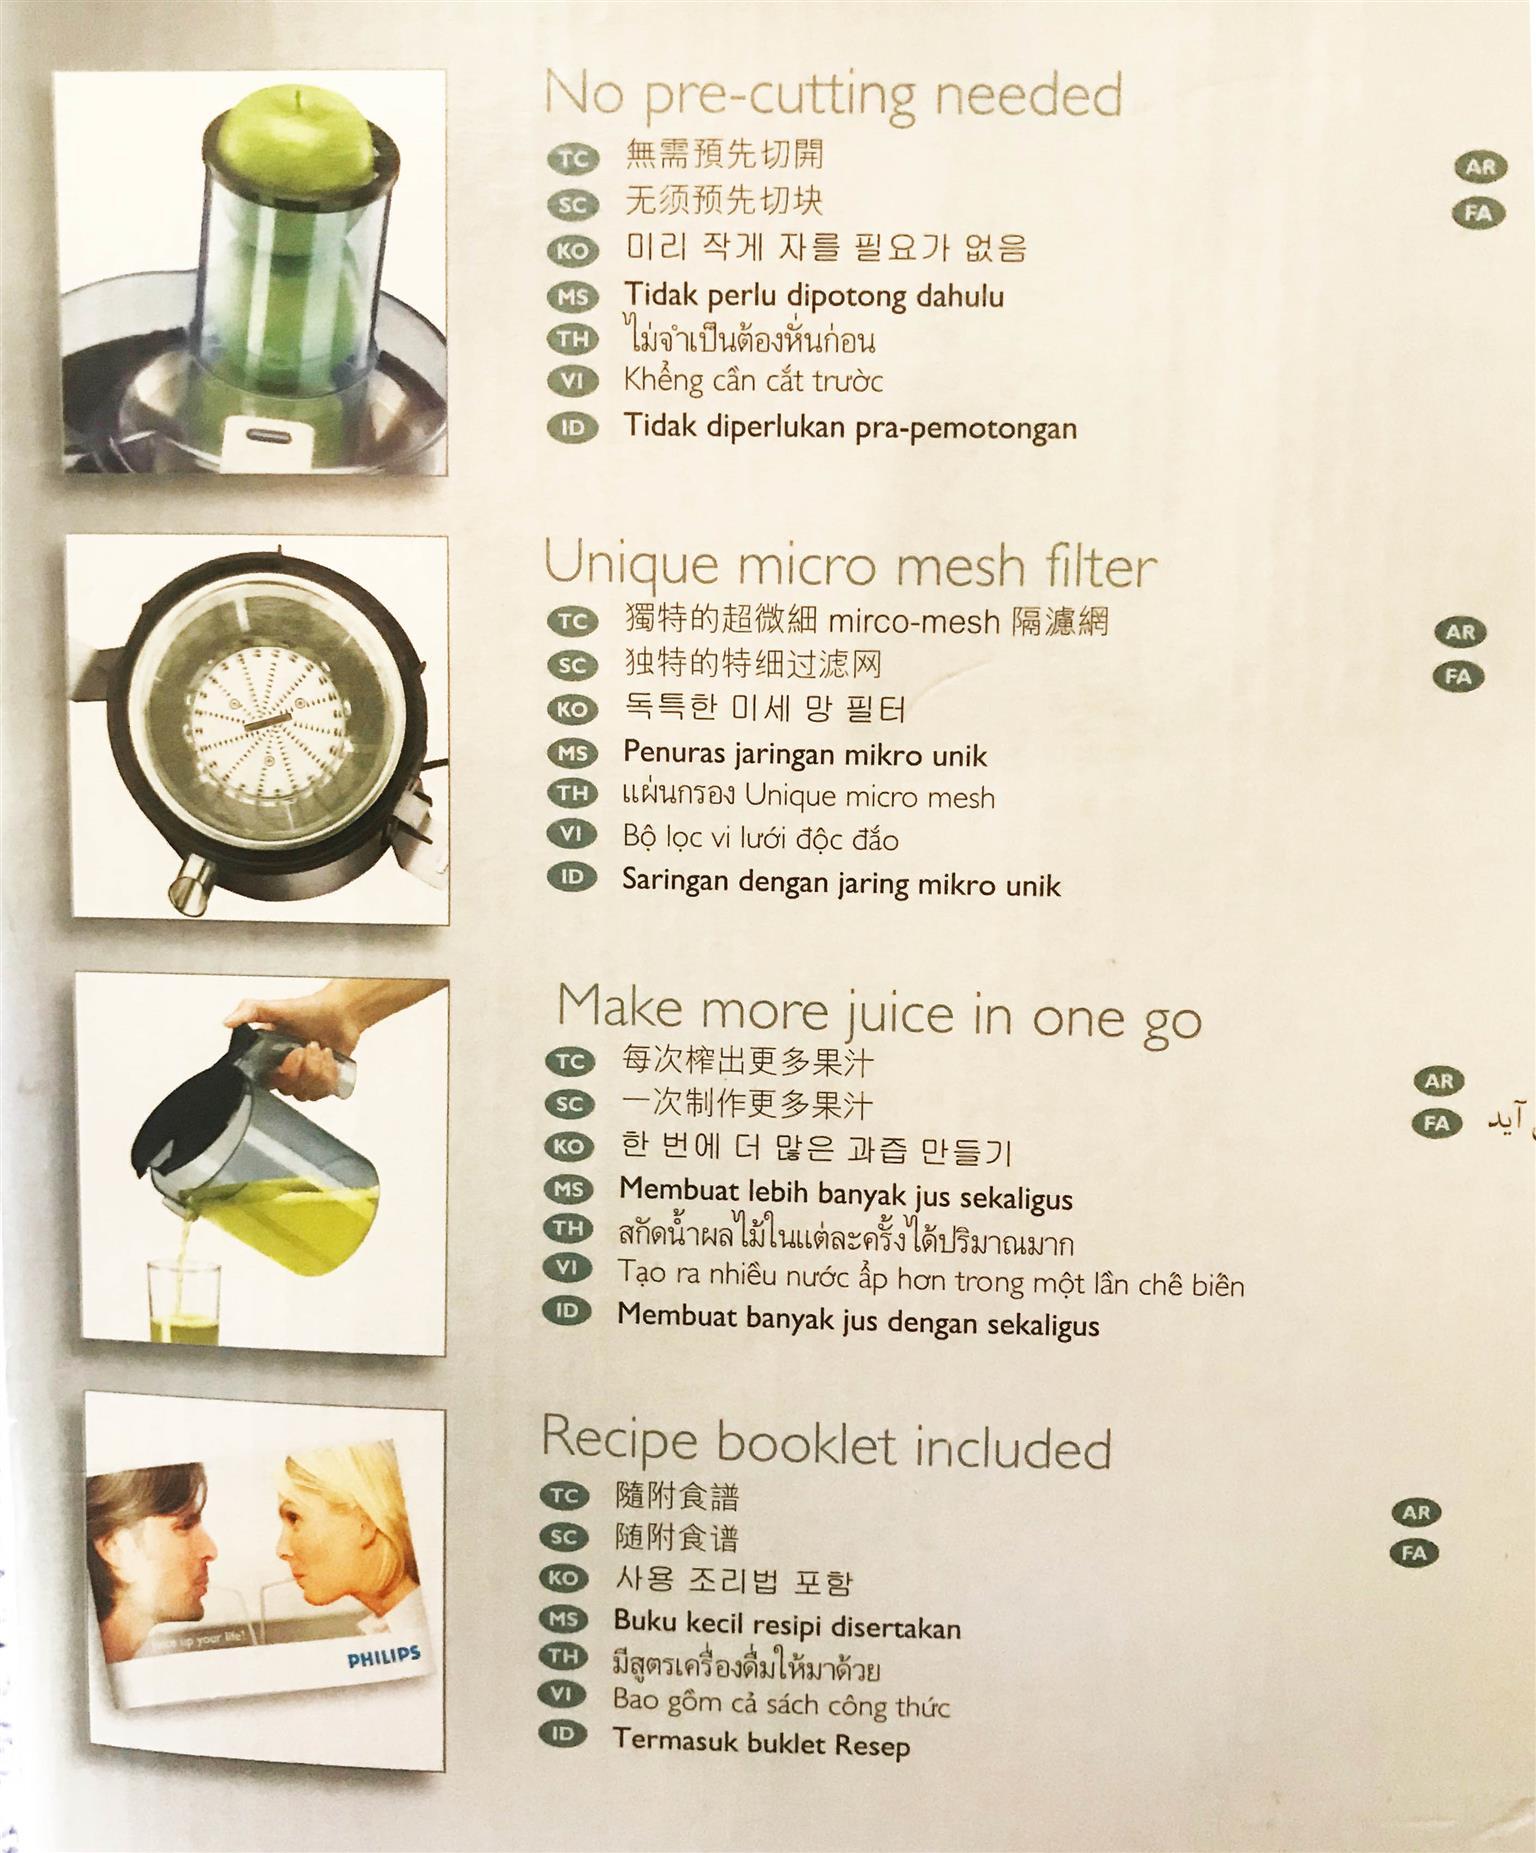 Philips  700w kitchen Juicer